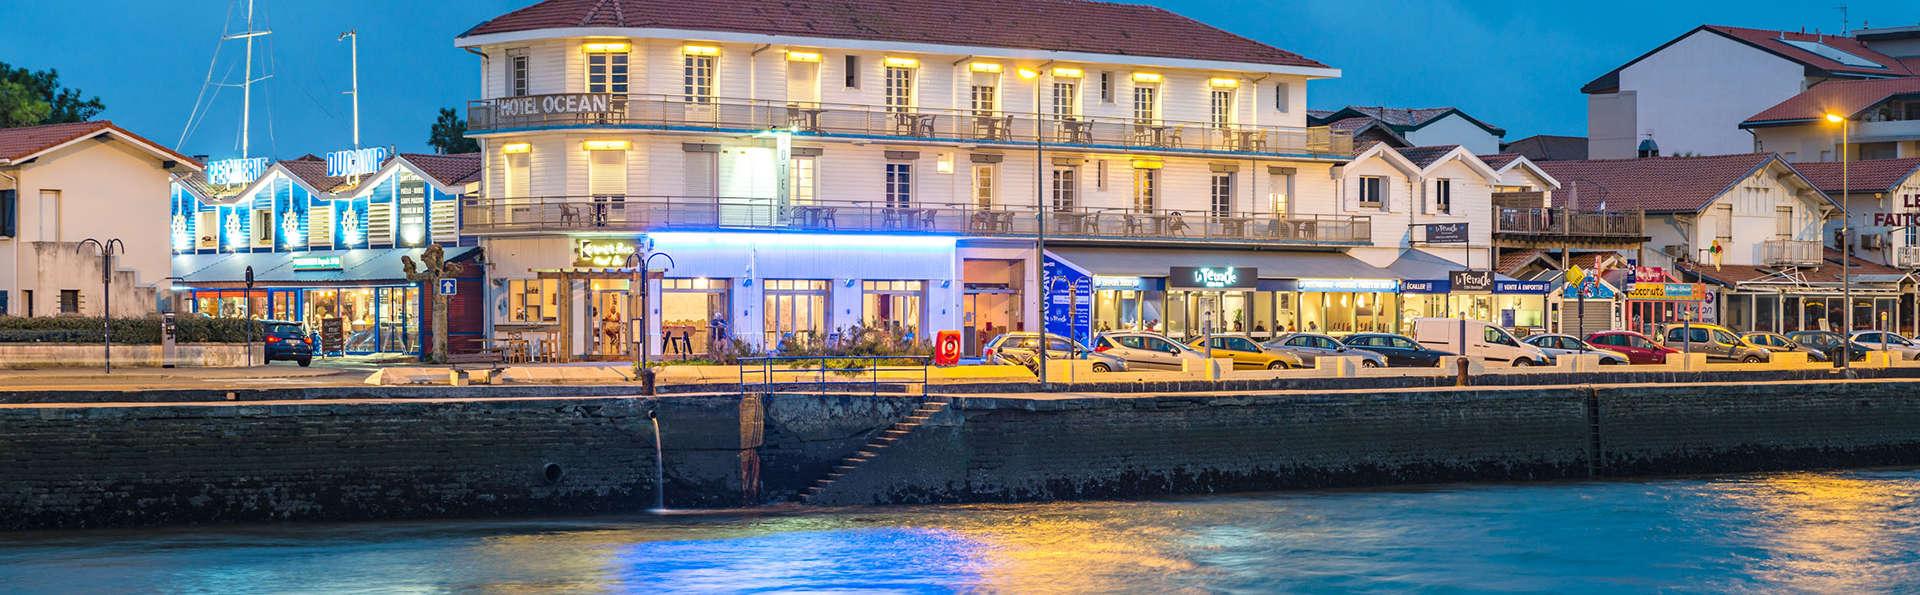 Hôtel Océan - Edit_Front2.jpg